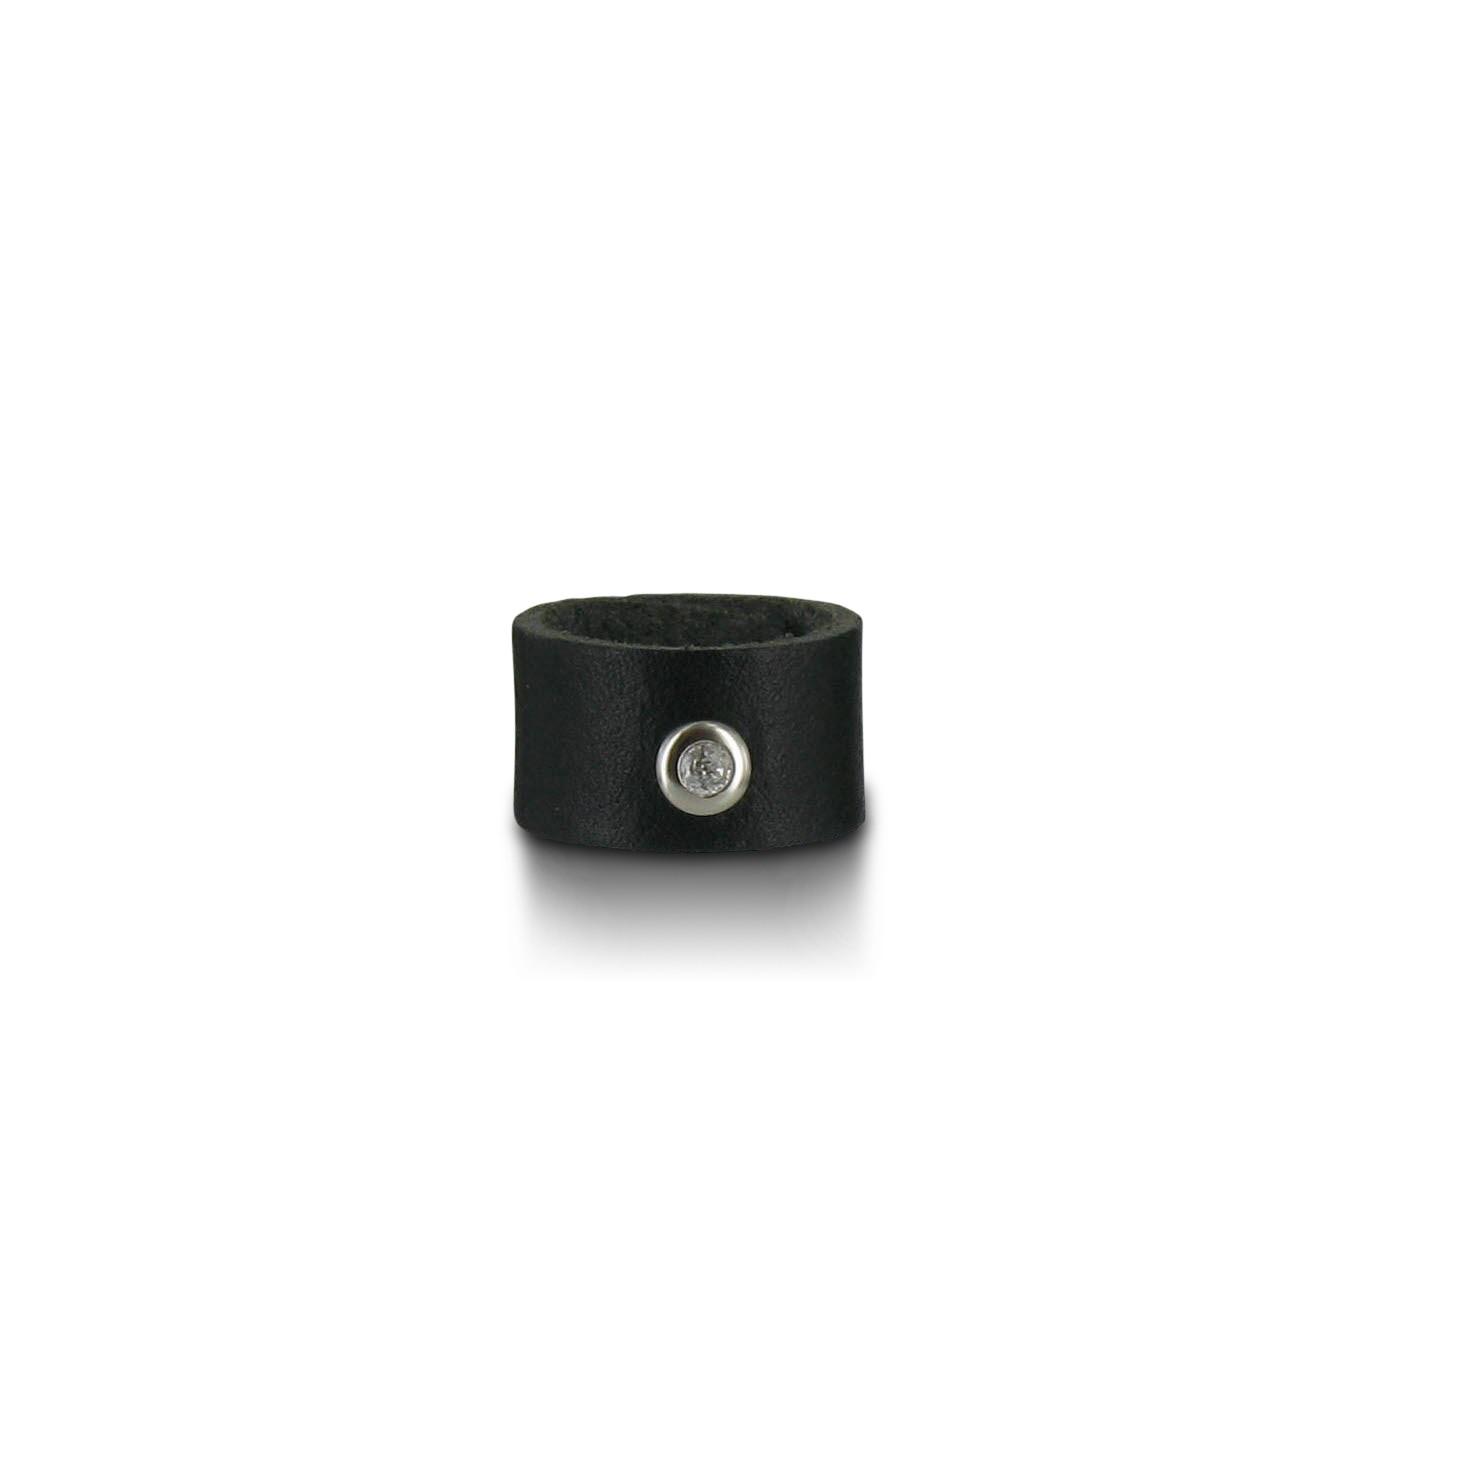 SiaLinda  Ring echtes Leder schwarz mit Strass aus echtem Glas ... f8010816ed641